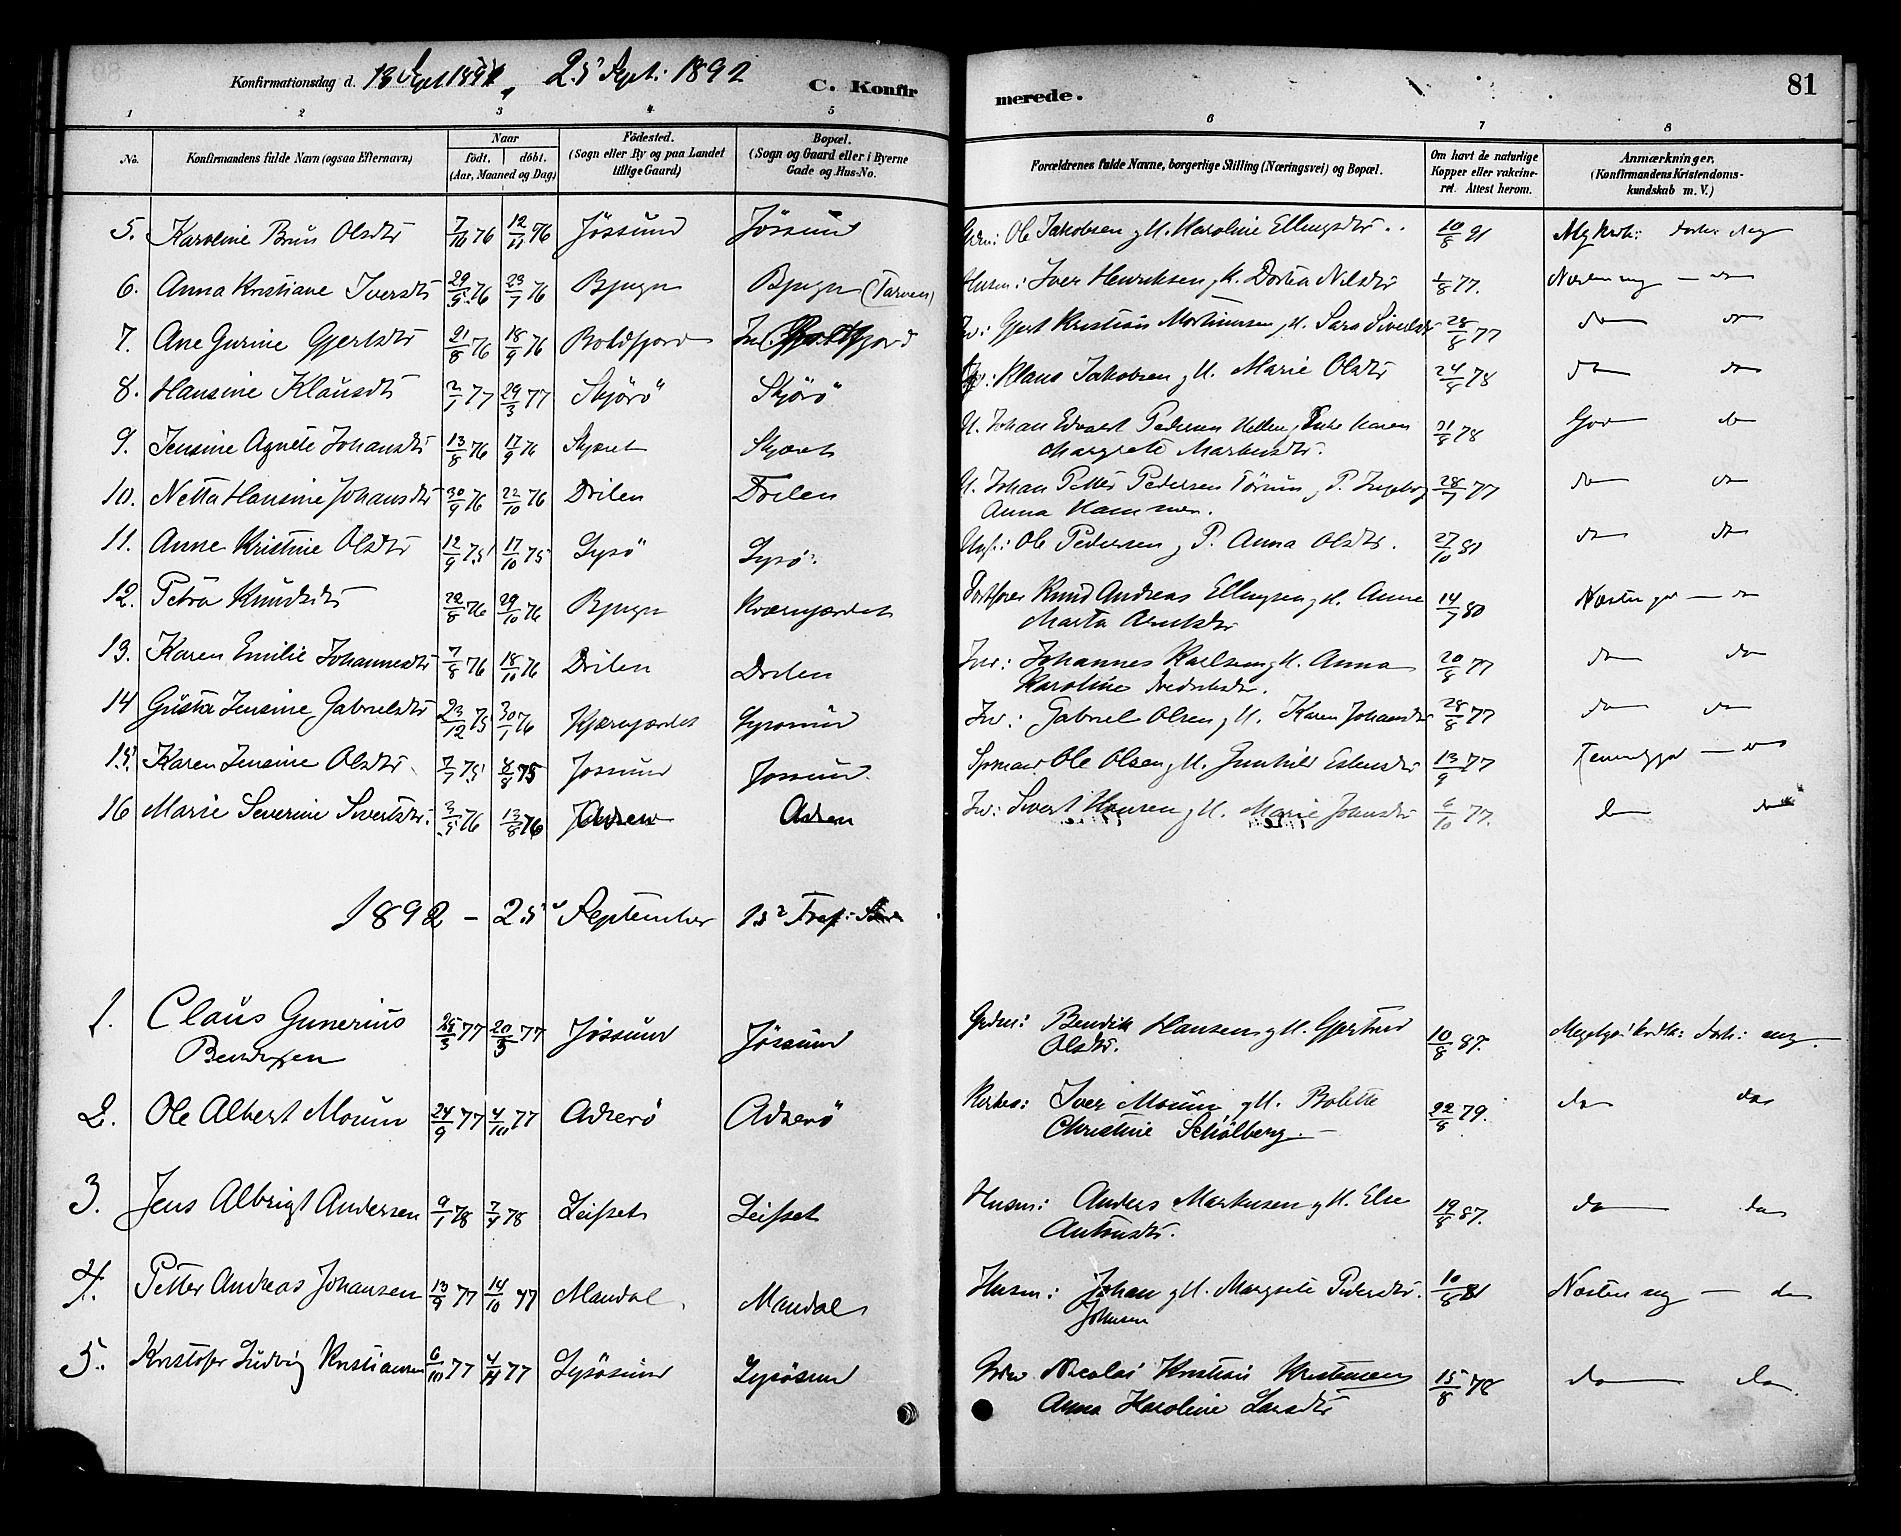 SAT, Ministerialprotokoller, klokkerbøker og fødselsregistre - Sør-Trøndelag, 654/L0663: Ministerialbok nr. 654A01, 1880-1894, s. 81